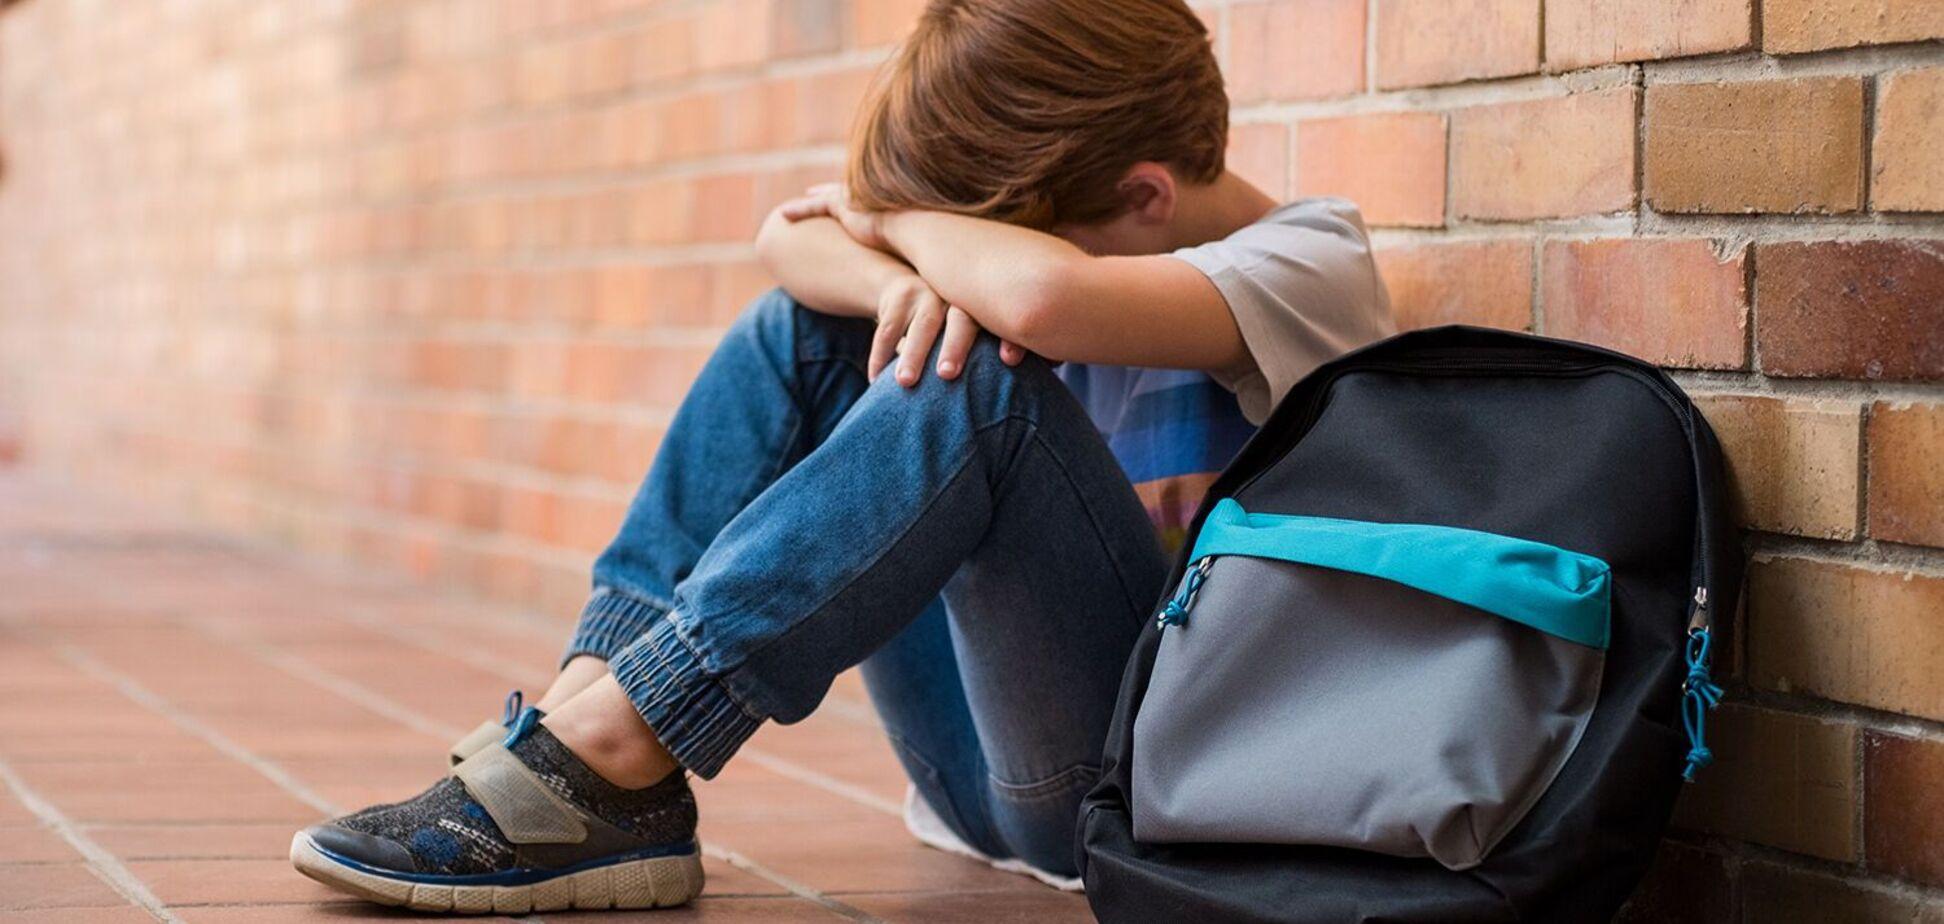 У Дніпрі підлітки побили дитину з інвалідністю на очах у натовпу: всі подробиці скандалу